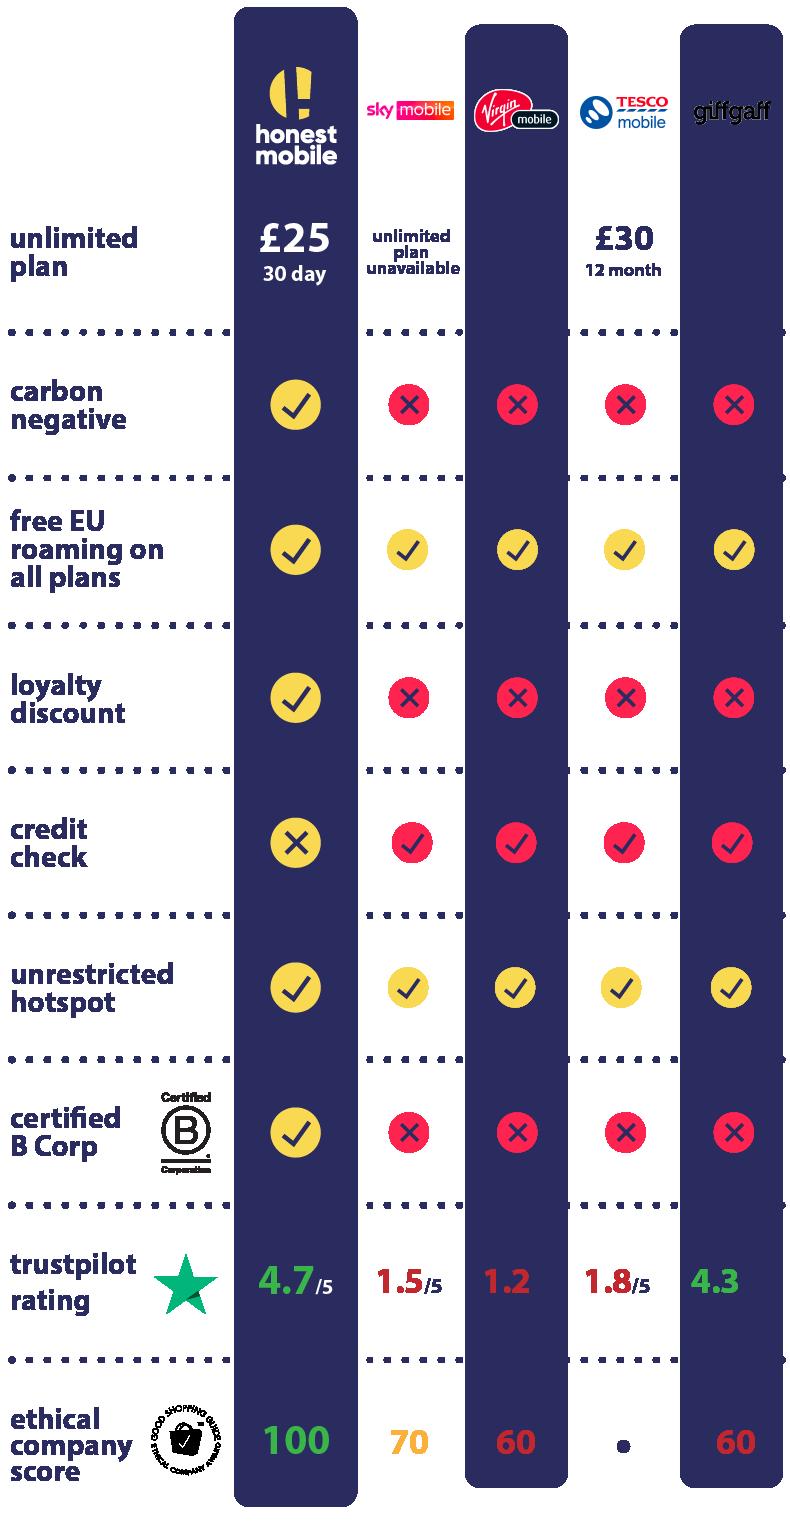 mobile network comparison table